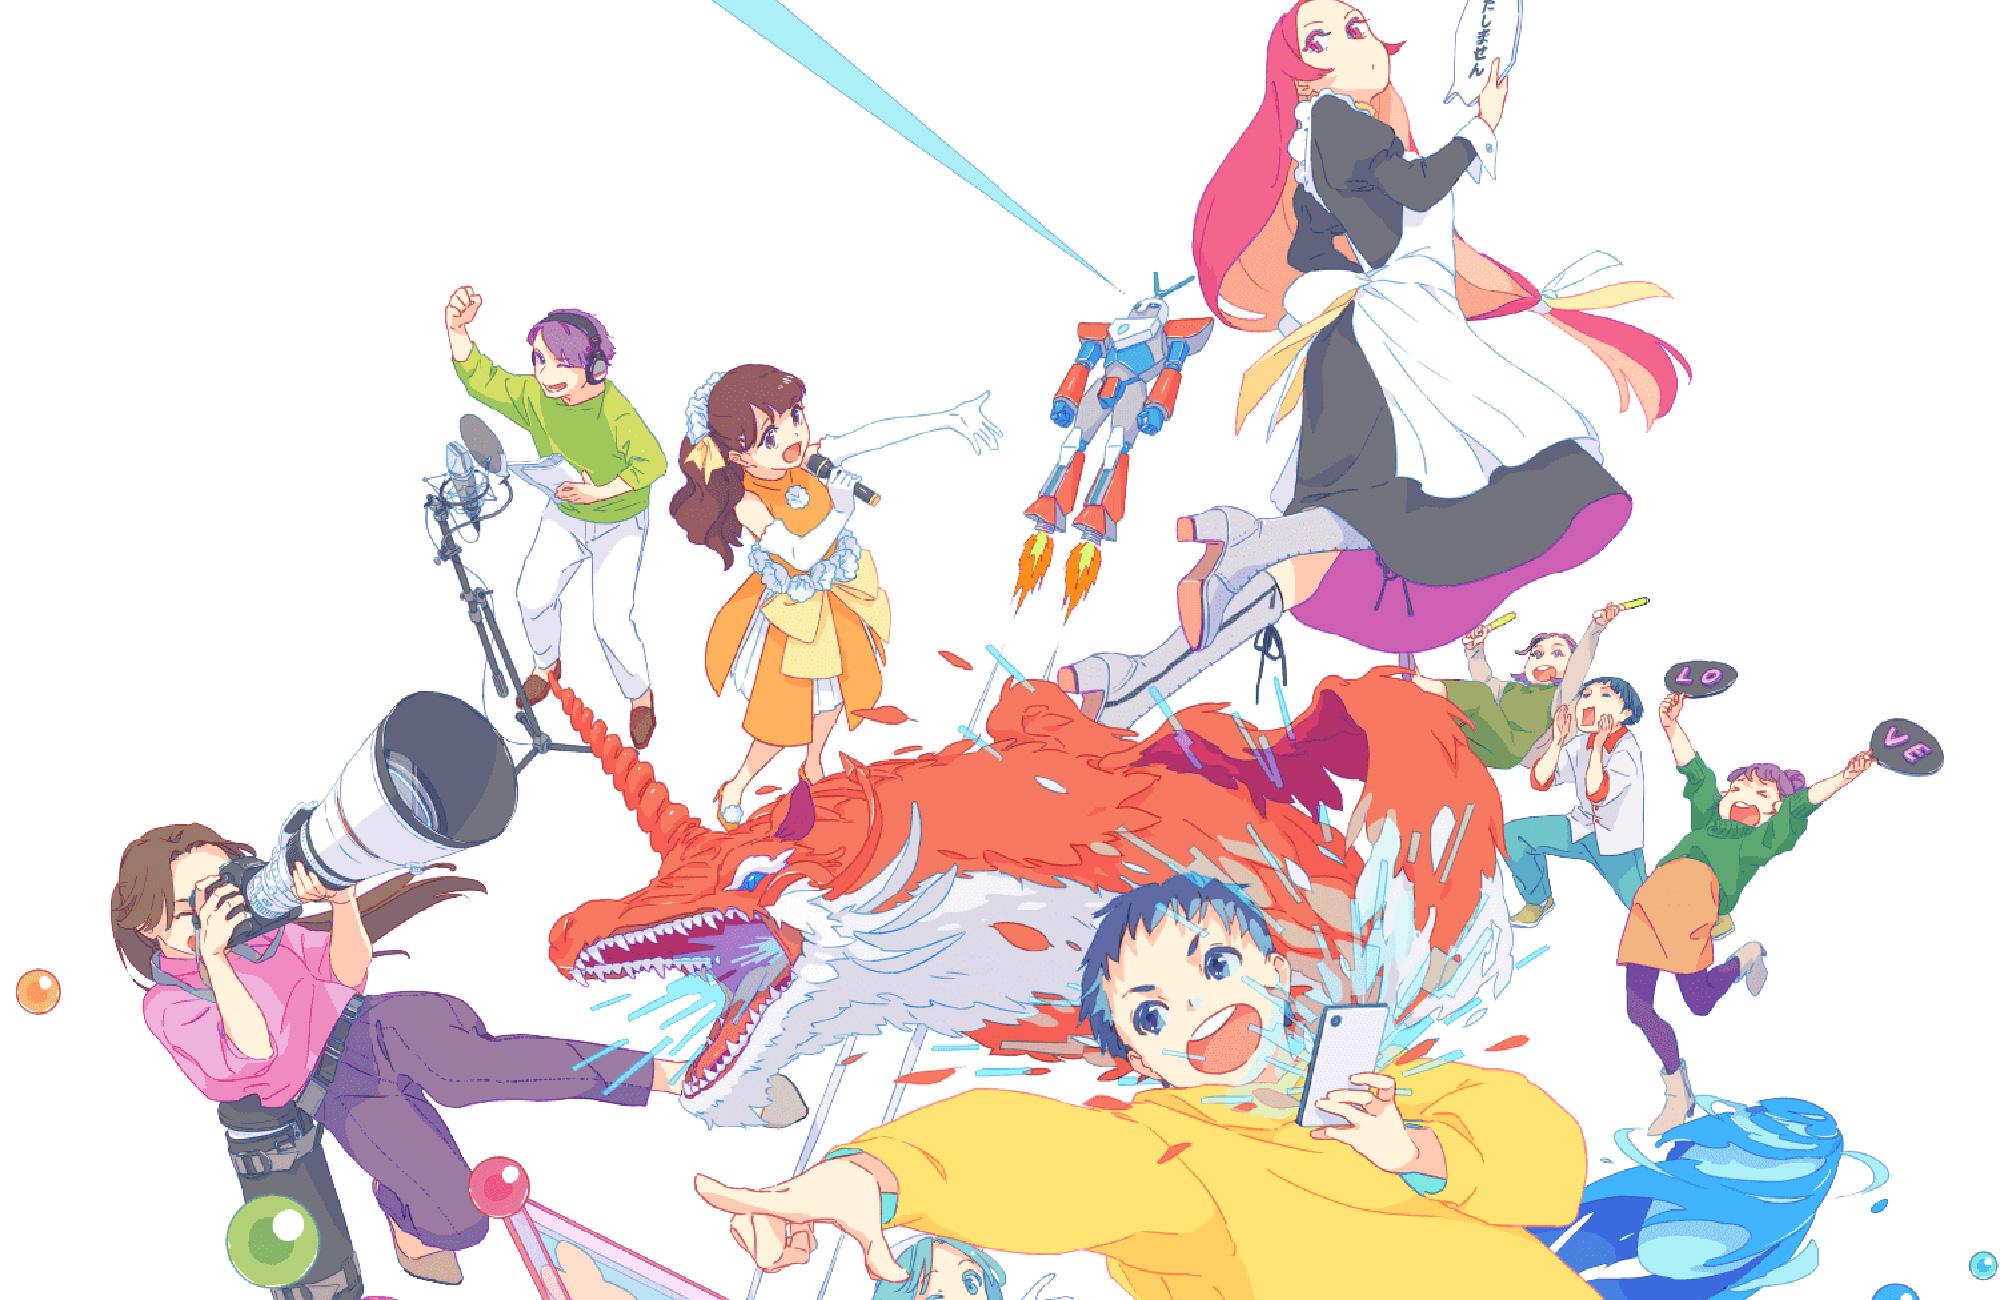 Anime Game Fes Nagoya 2020